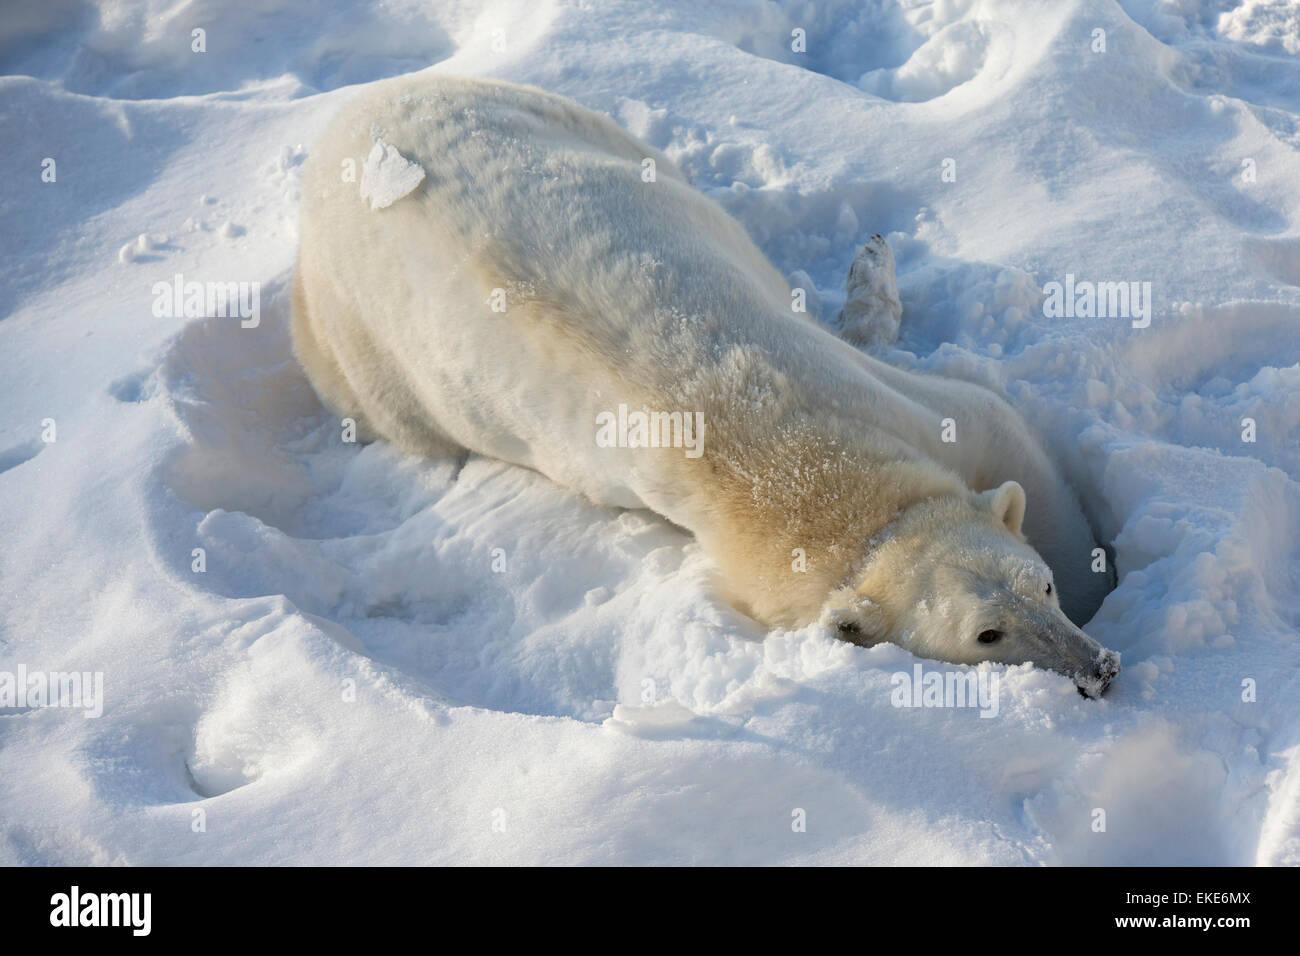 Eisbär (Ursus Maritimus) weiblich Reinigung selbst im Schnee Stockbild